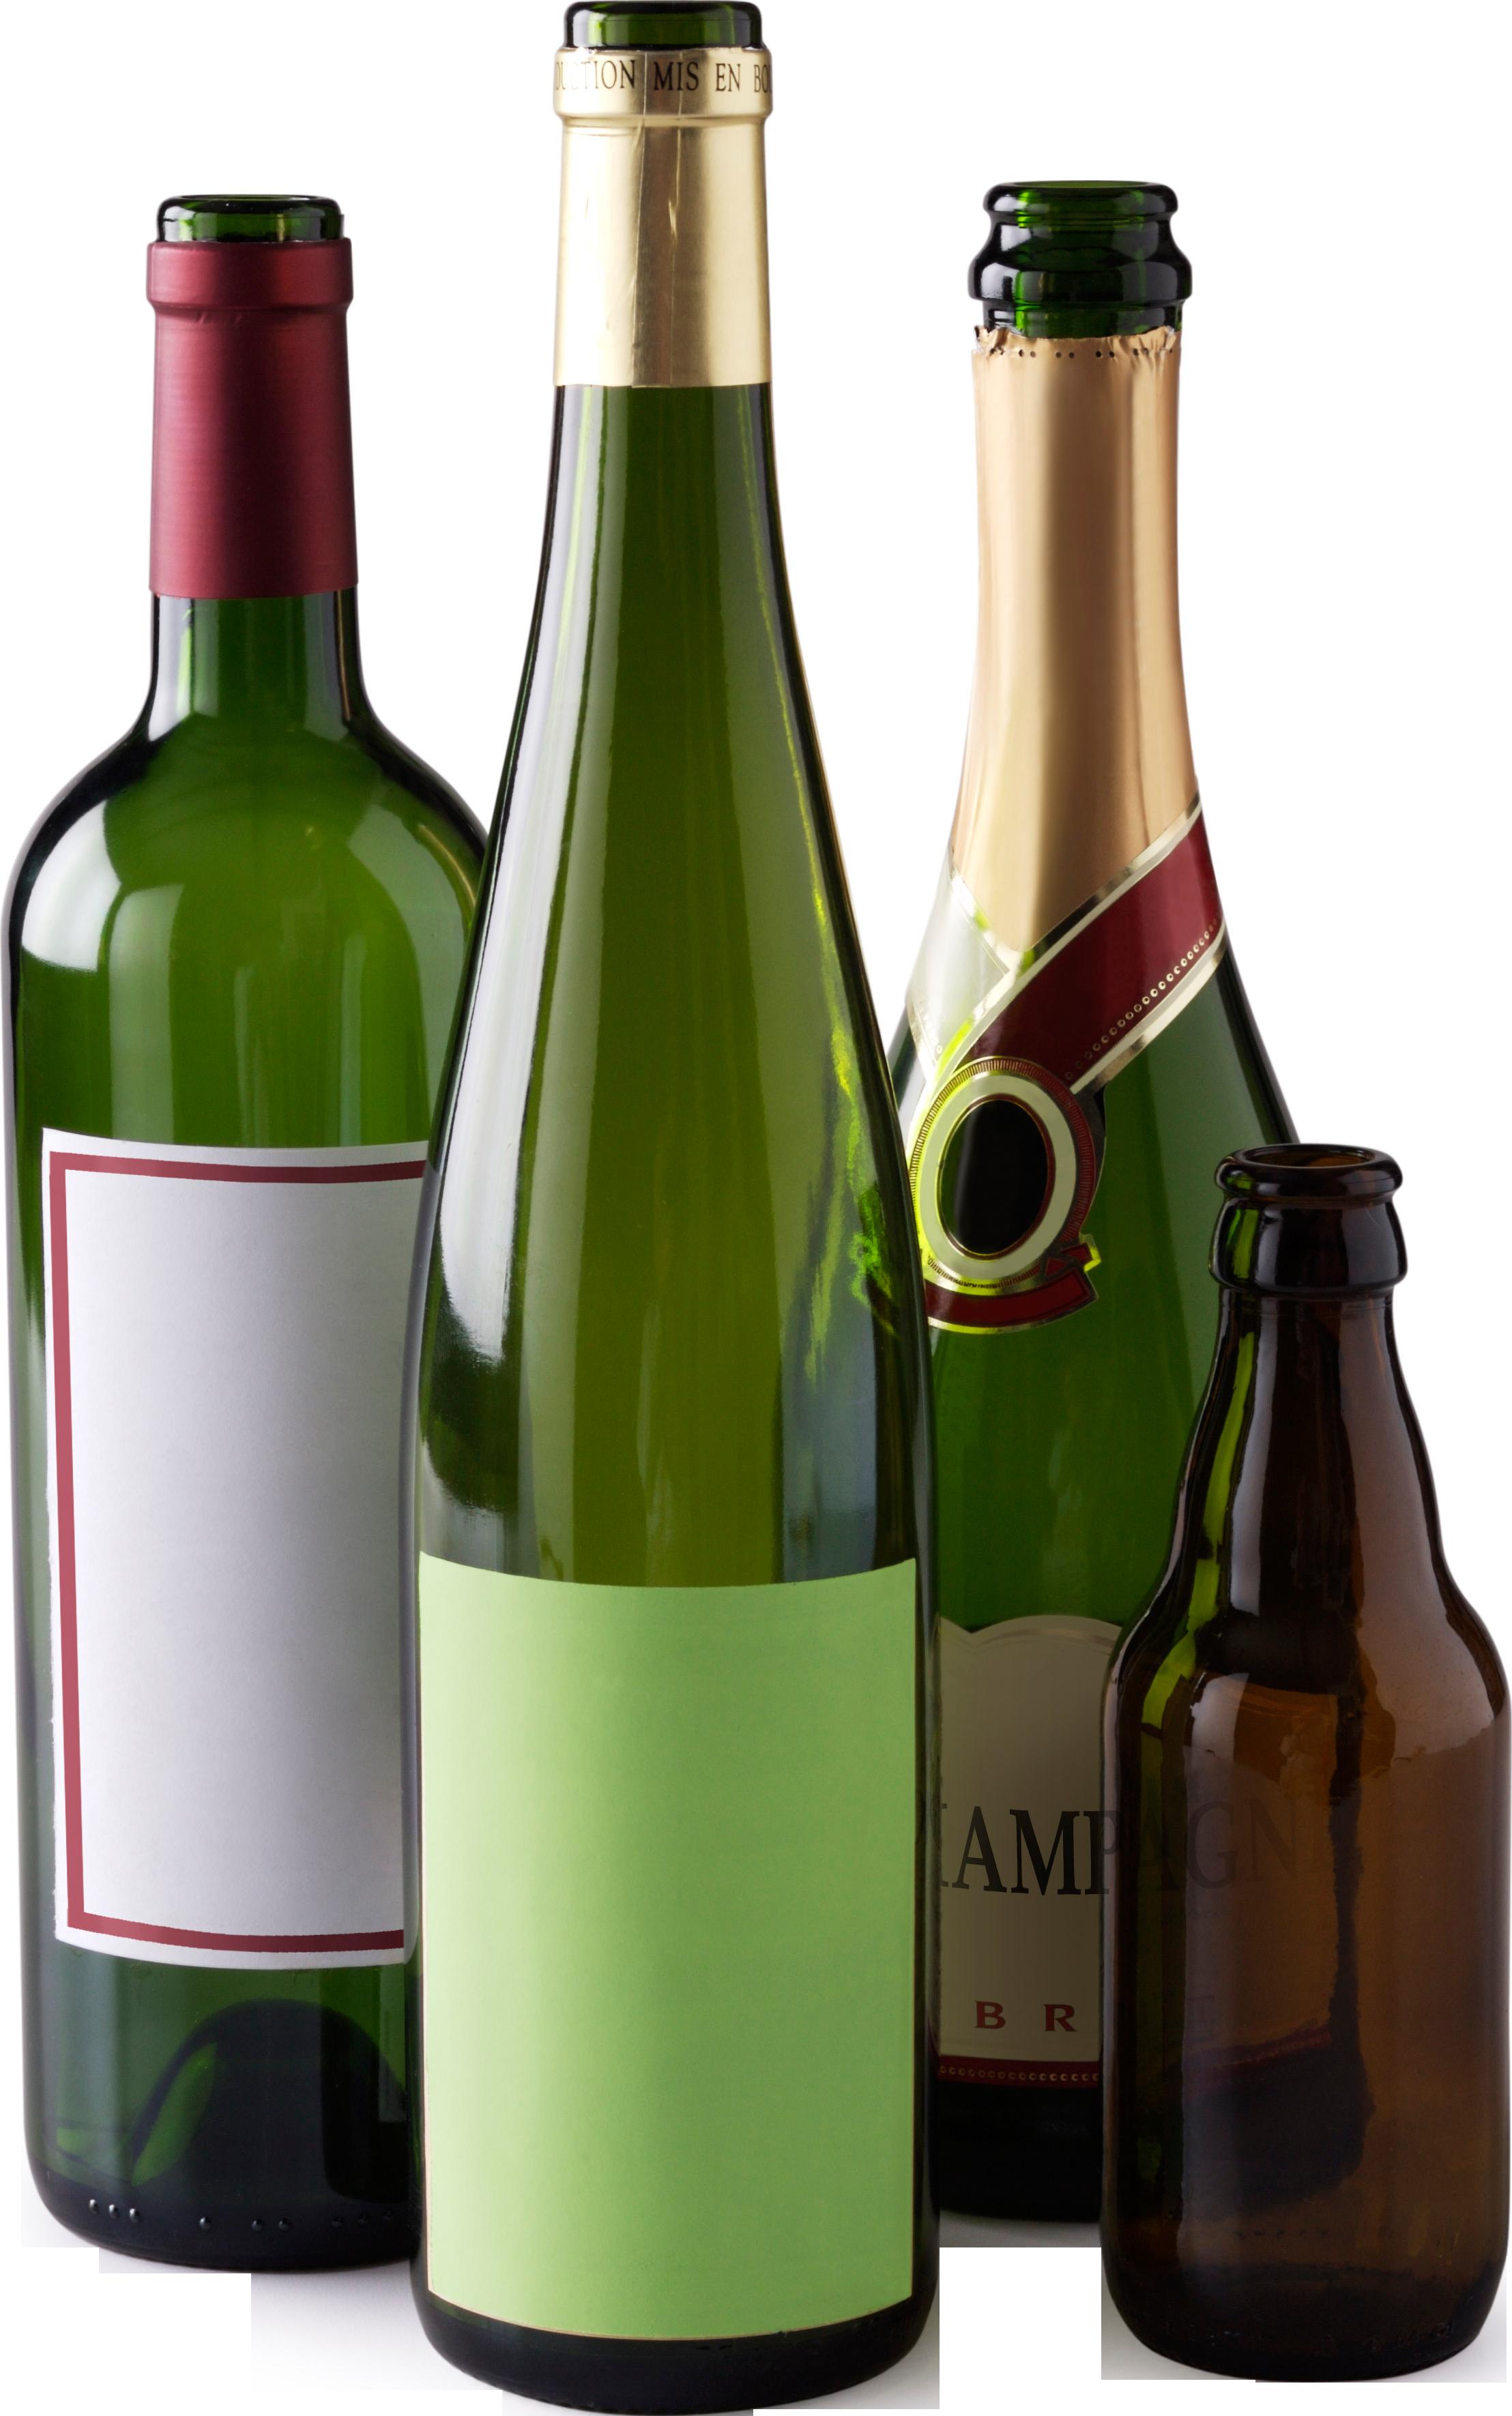 Images free download bottles. Liquor bottle png